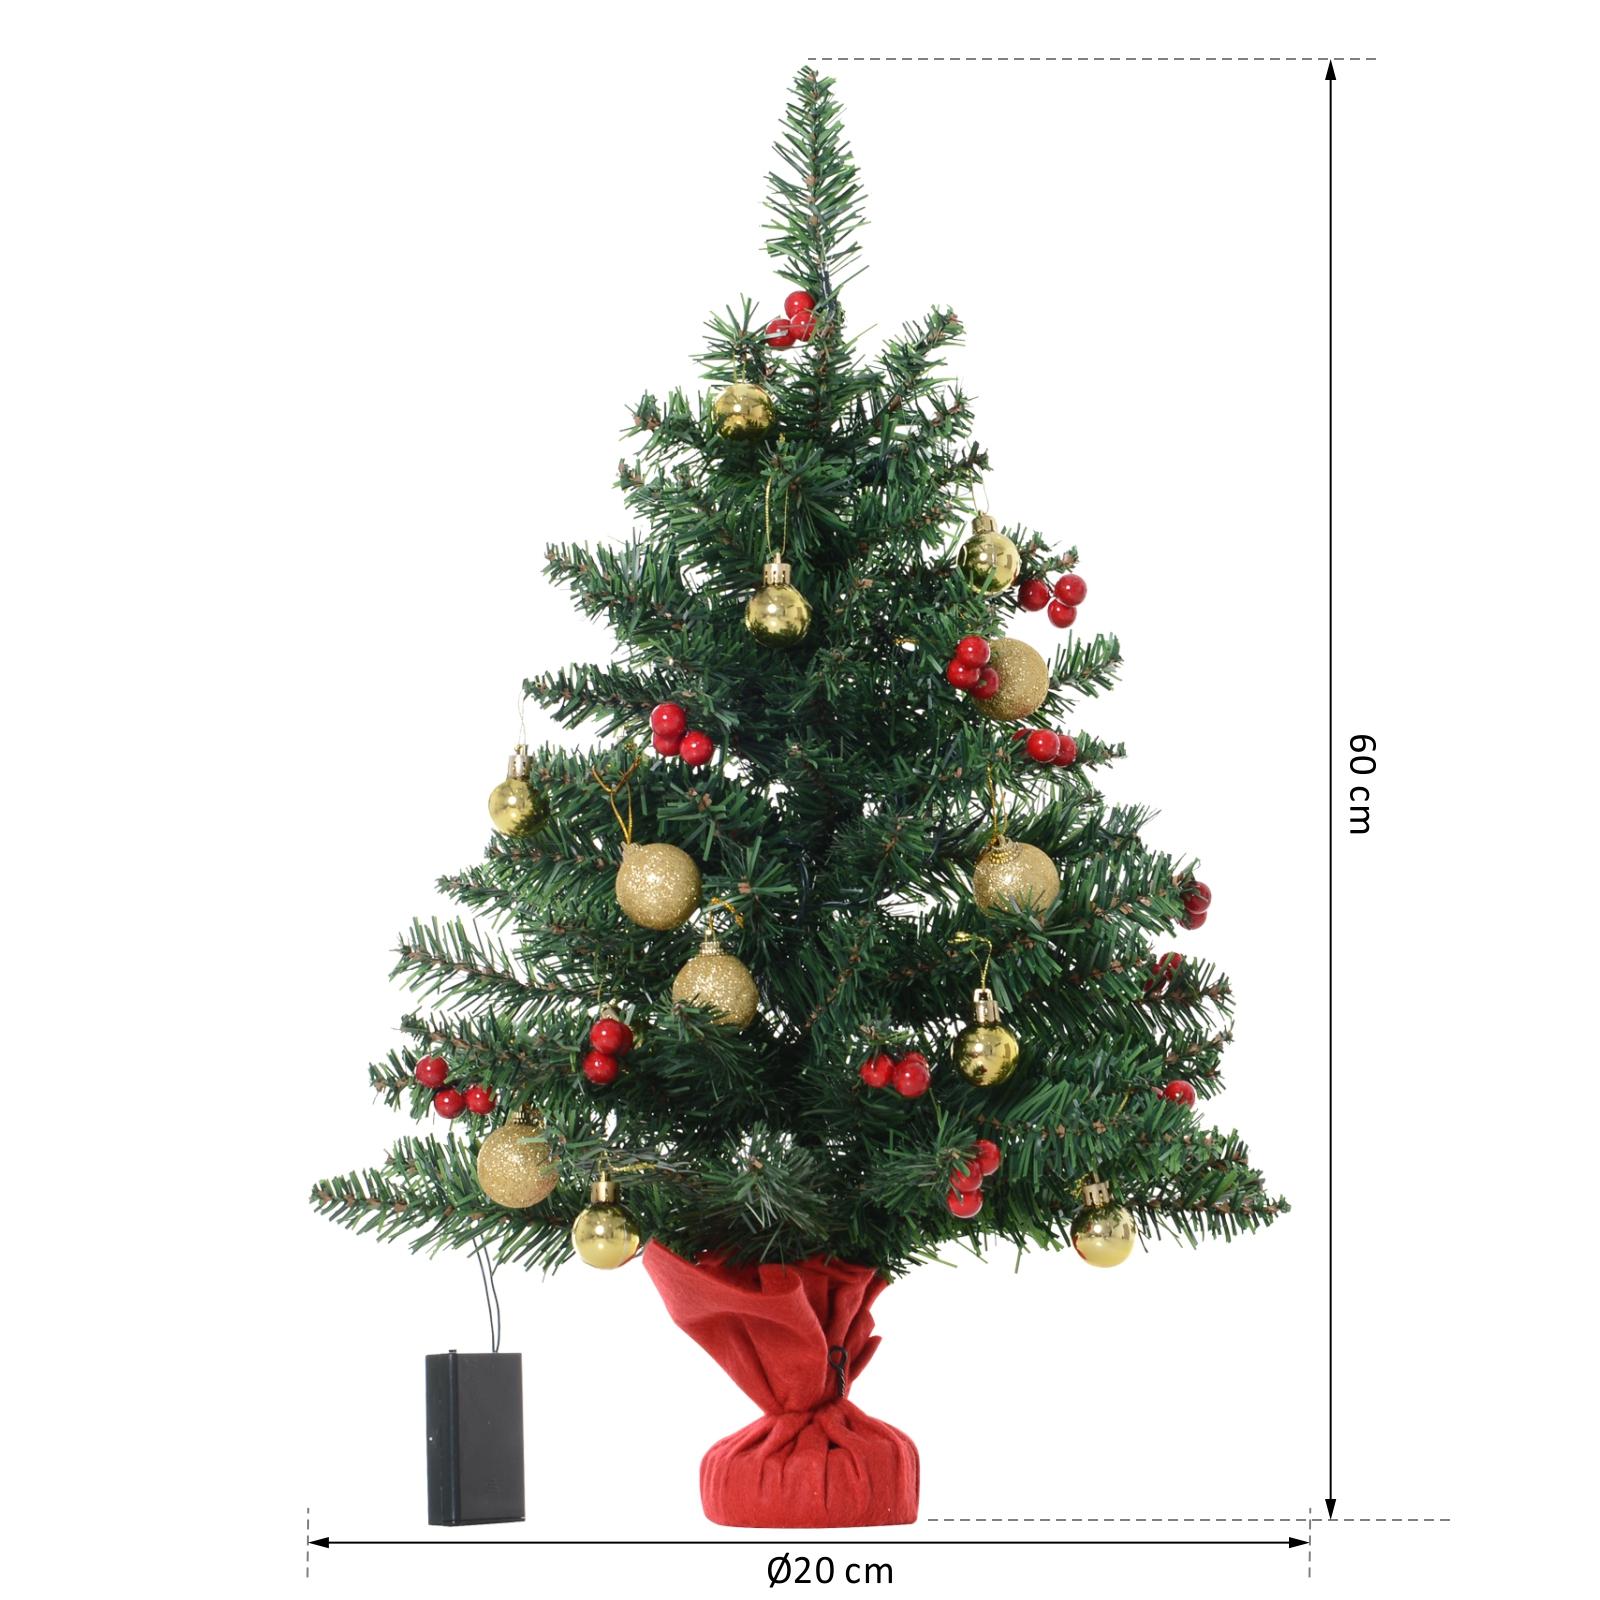 Albero Di Natale Decorato Con Foto.Homcom Piccolo Albero Di Natale Verde E Rosso Decorato Con 15 Luci A Led Bianche Ebay